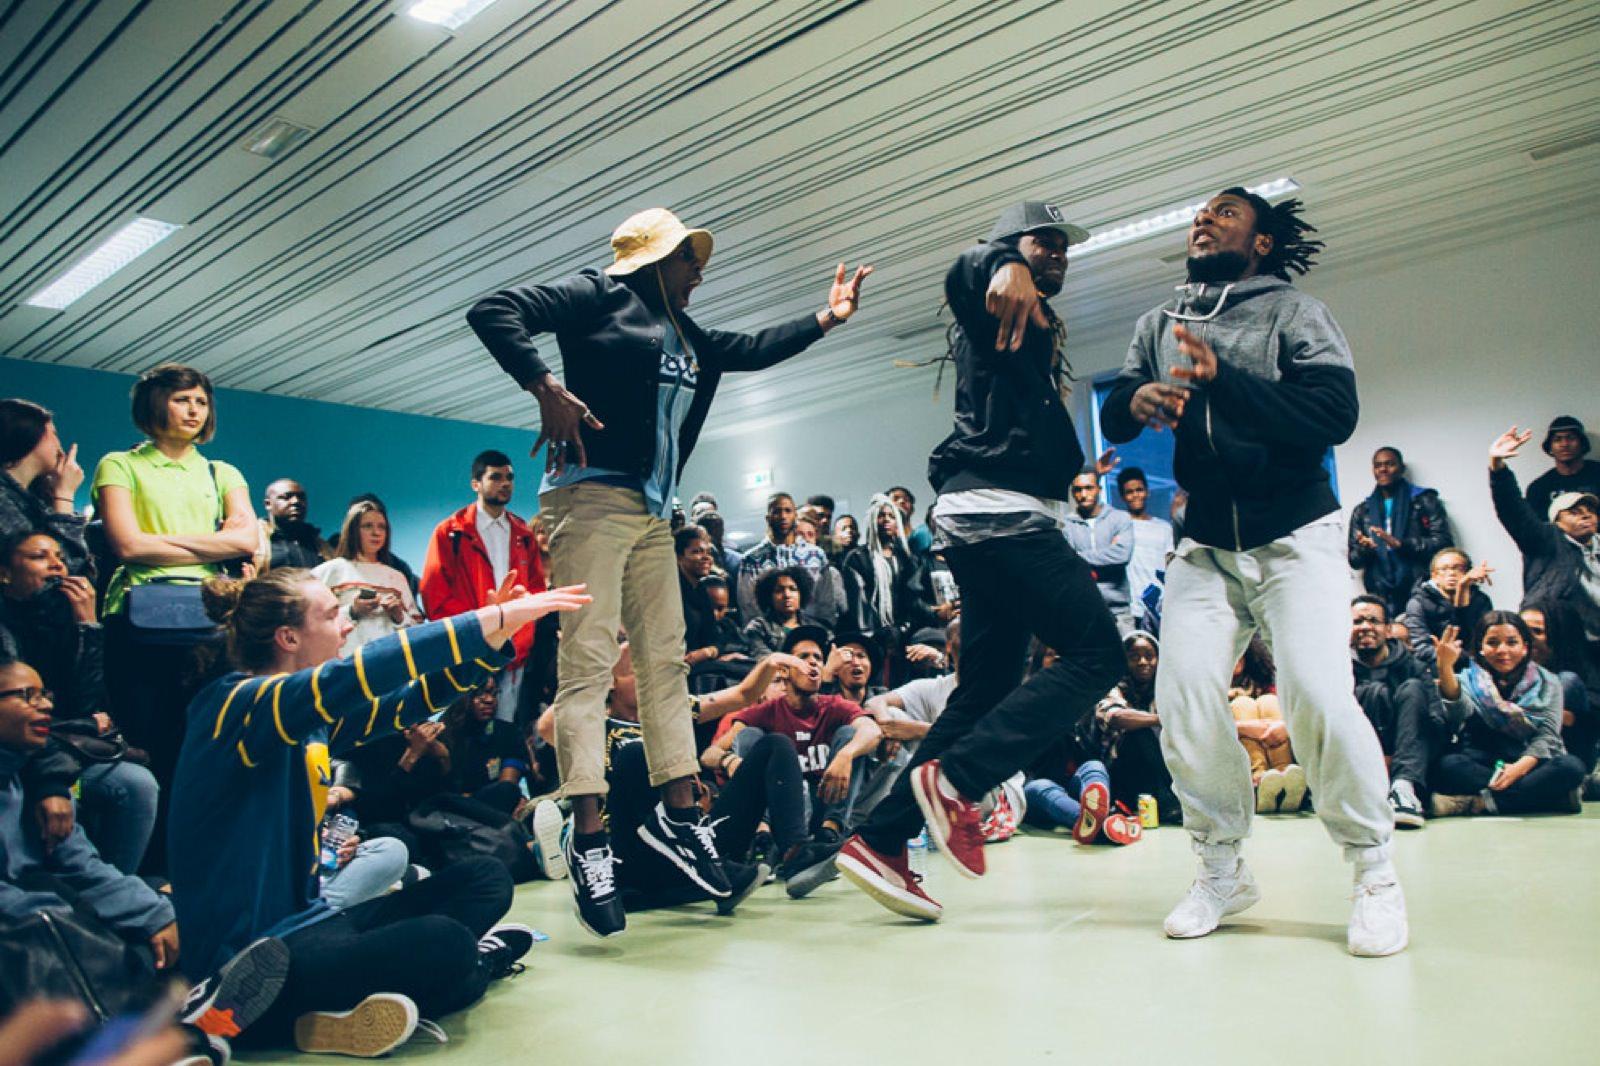 Reportage photo Battle Hip-Hop SA GRAILLE par Mardi Bleu – Agence de communication – photo & vidéo